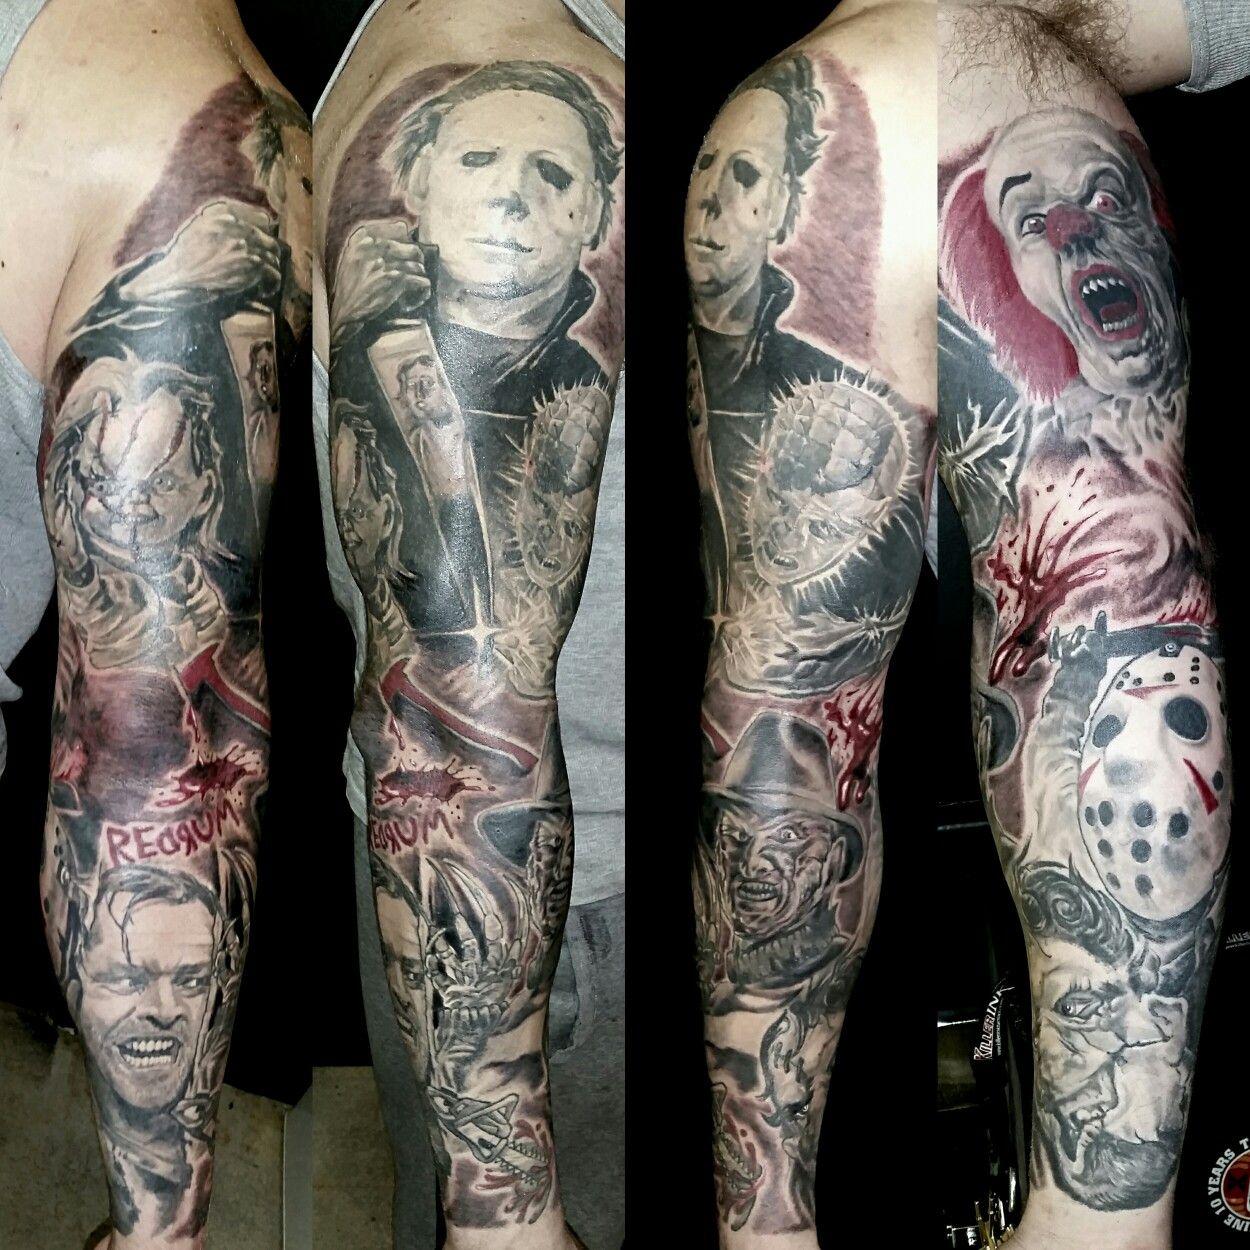 Horror Movie Sleeve Sleeve Tattoos Movie Tattoos Horror Tattoo